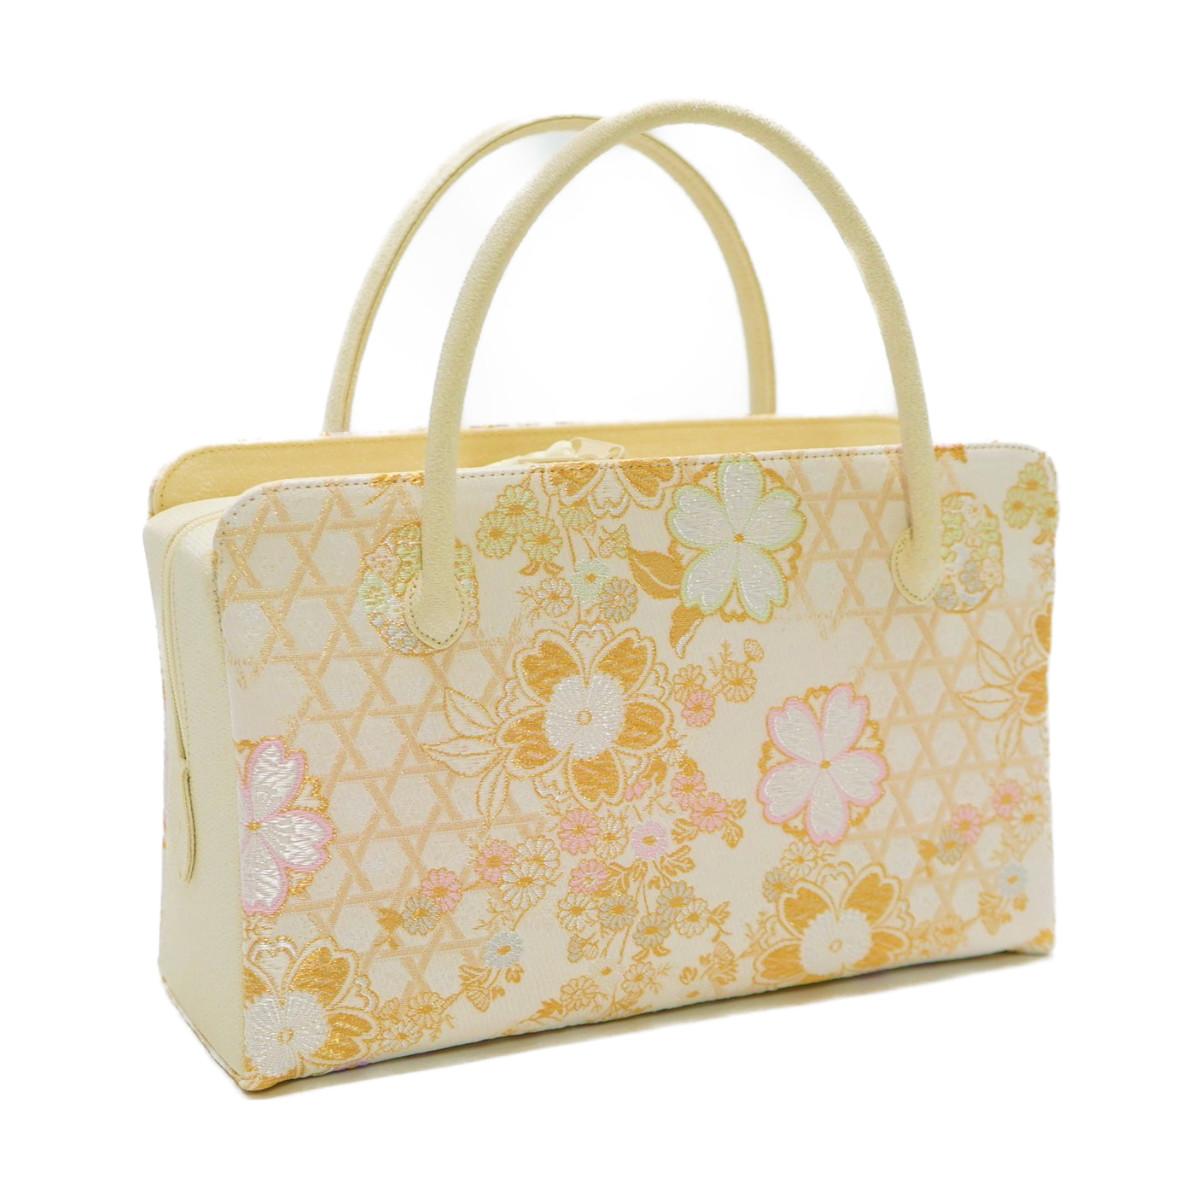 和装バッグ 利休バッグ金襴織物 桜